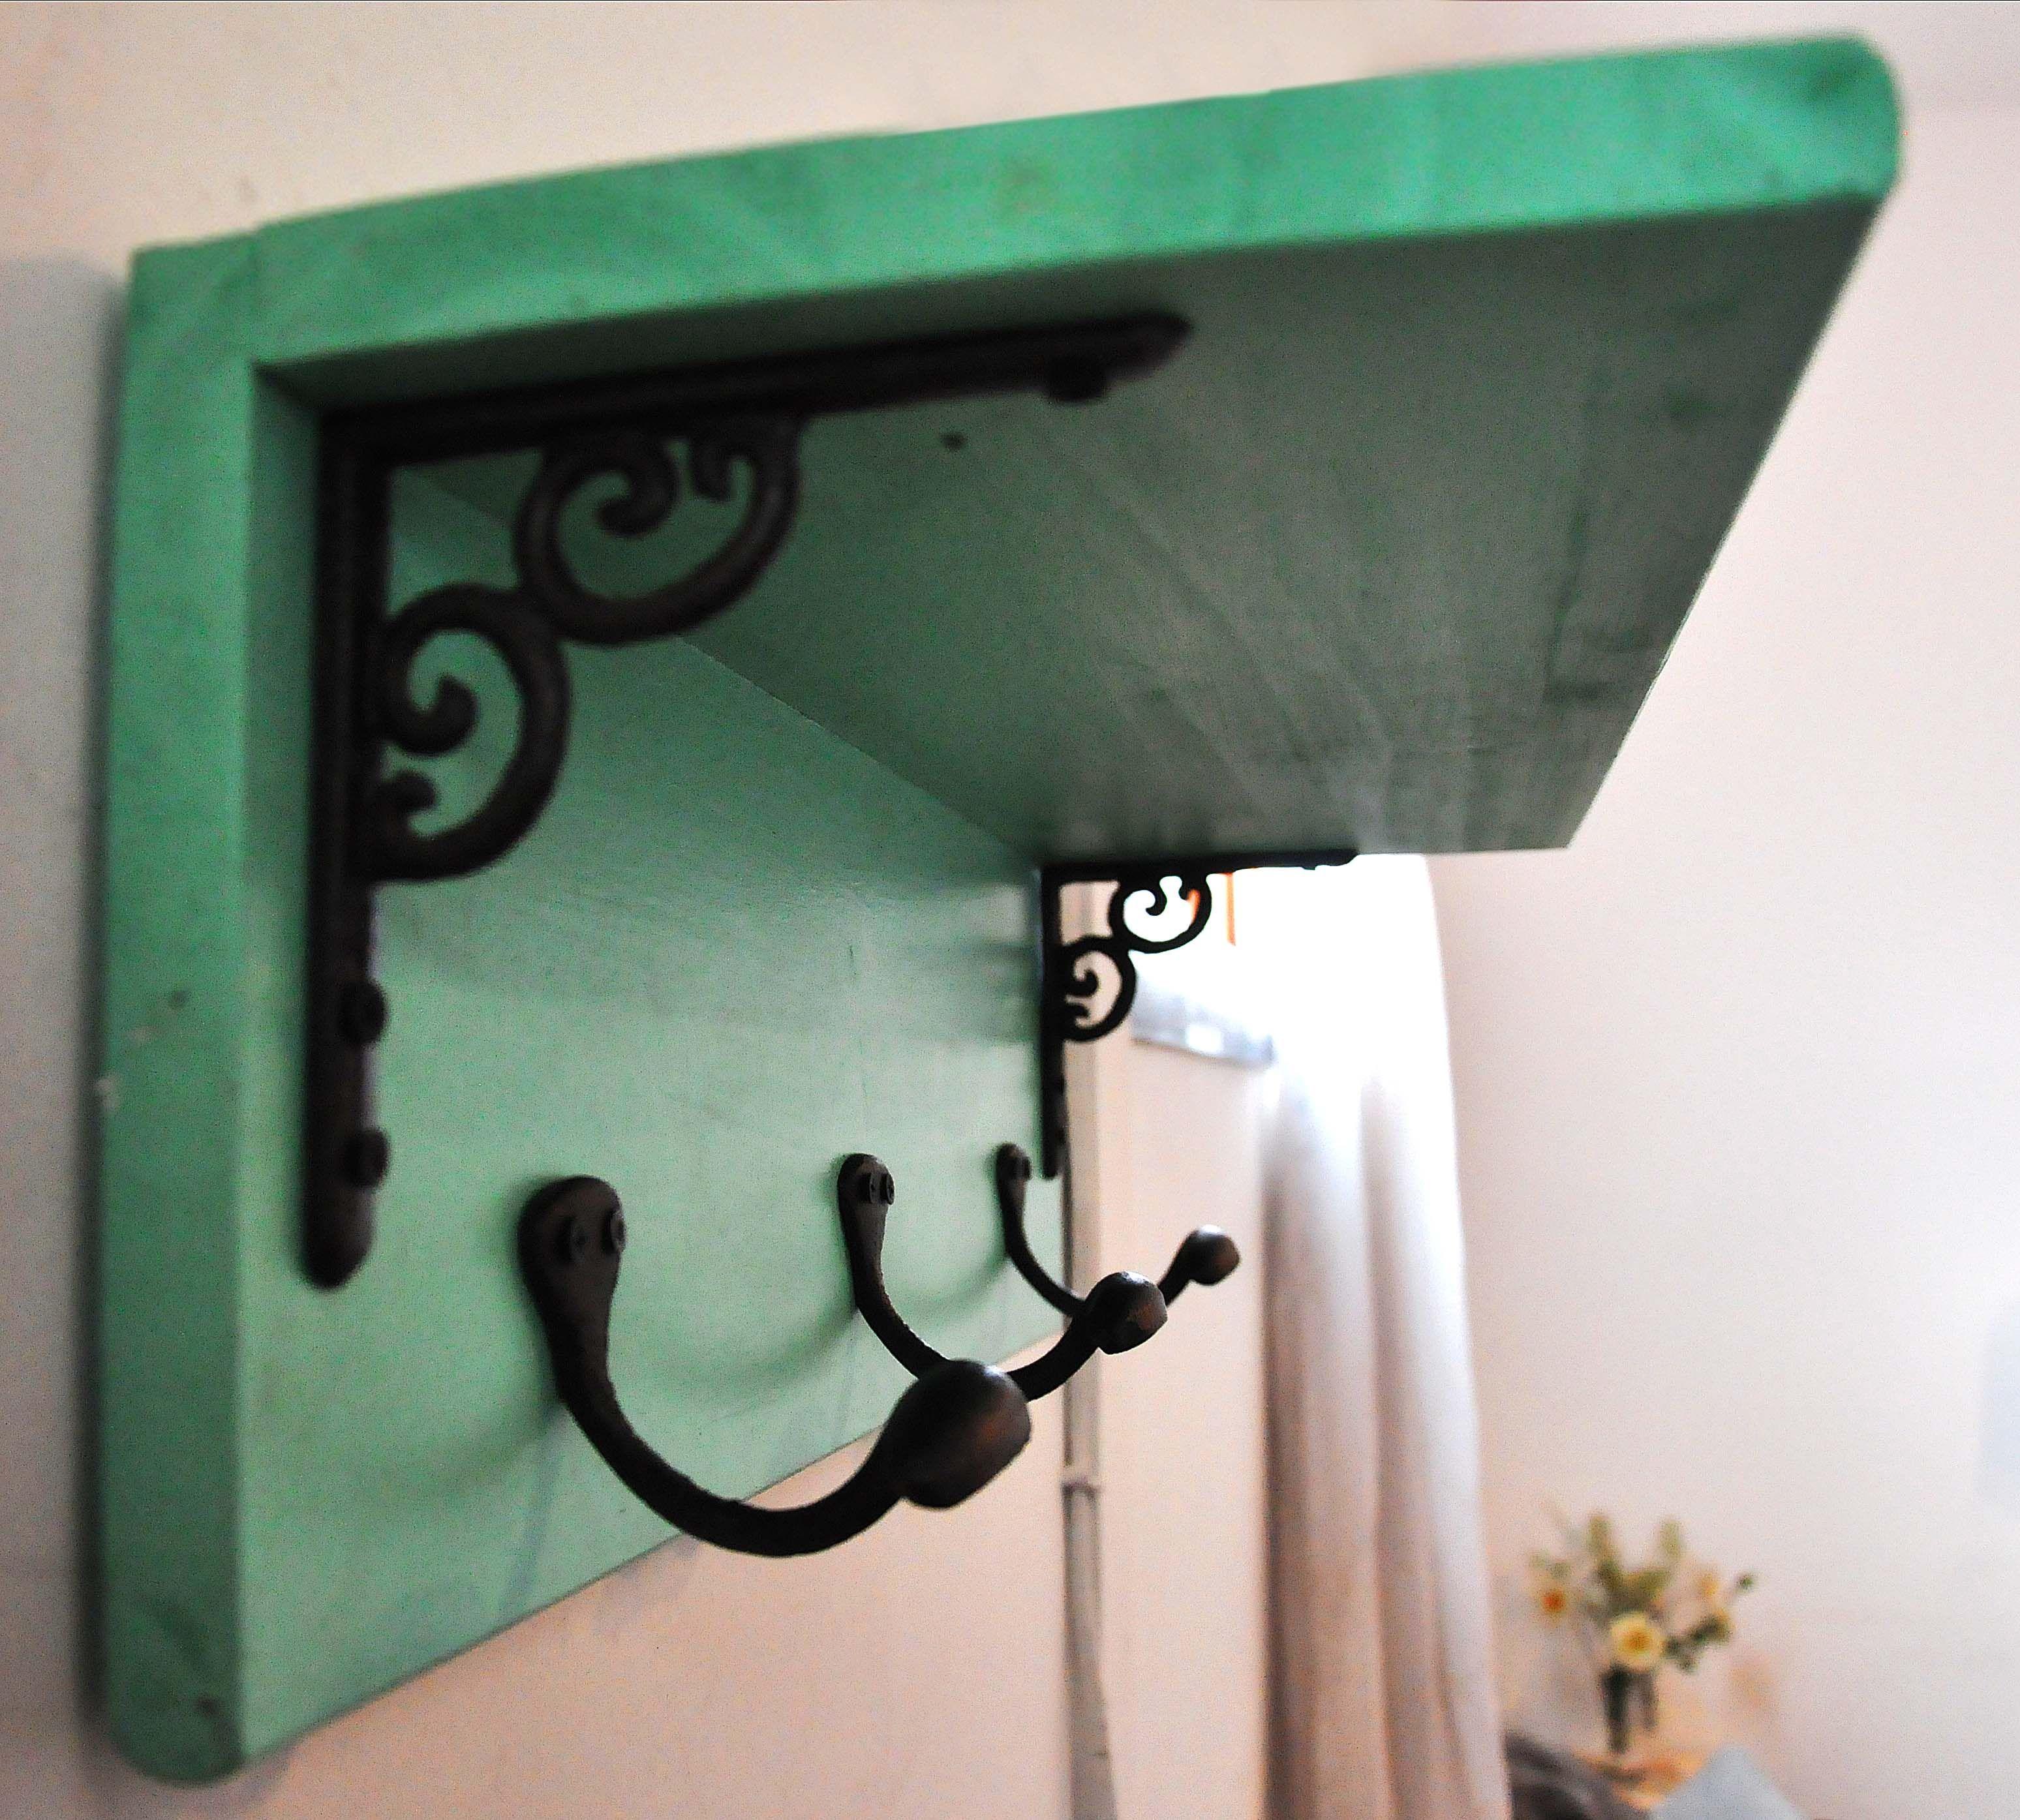 Repisa perchero vintage y reciclado casa 614810 - Percheros pared vintage ...